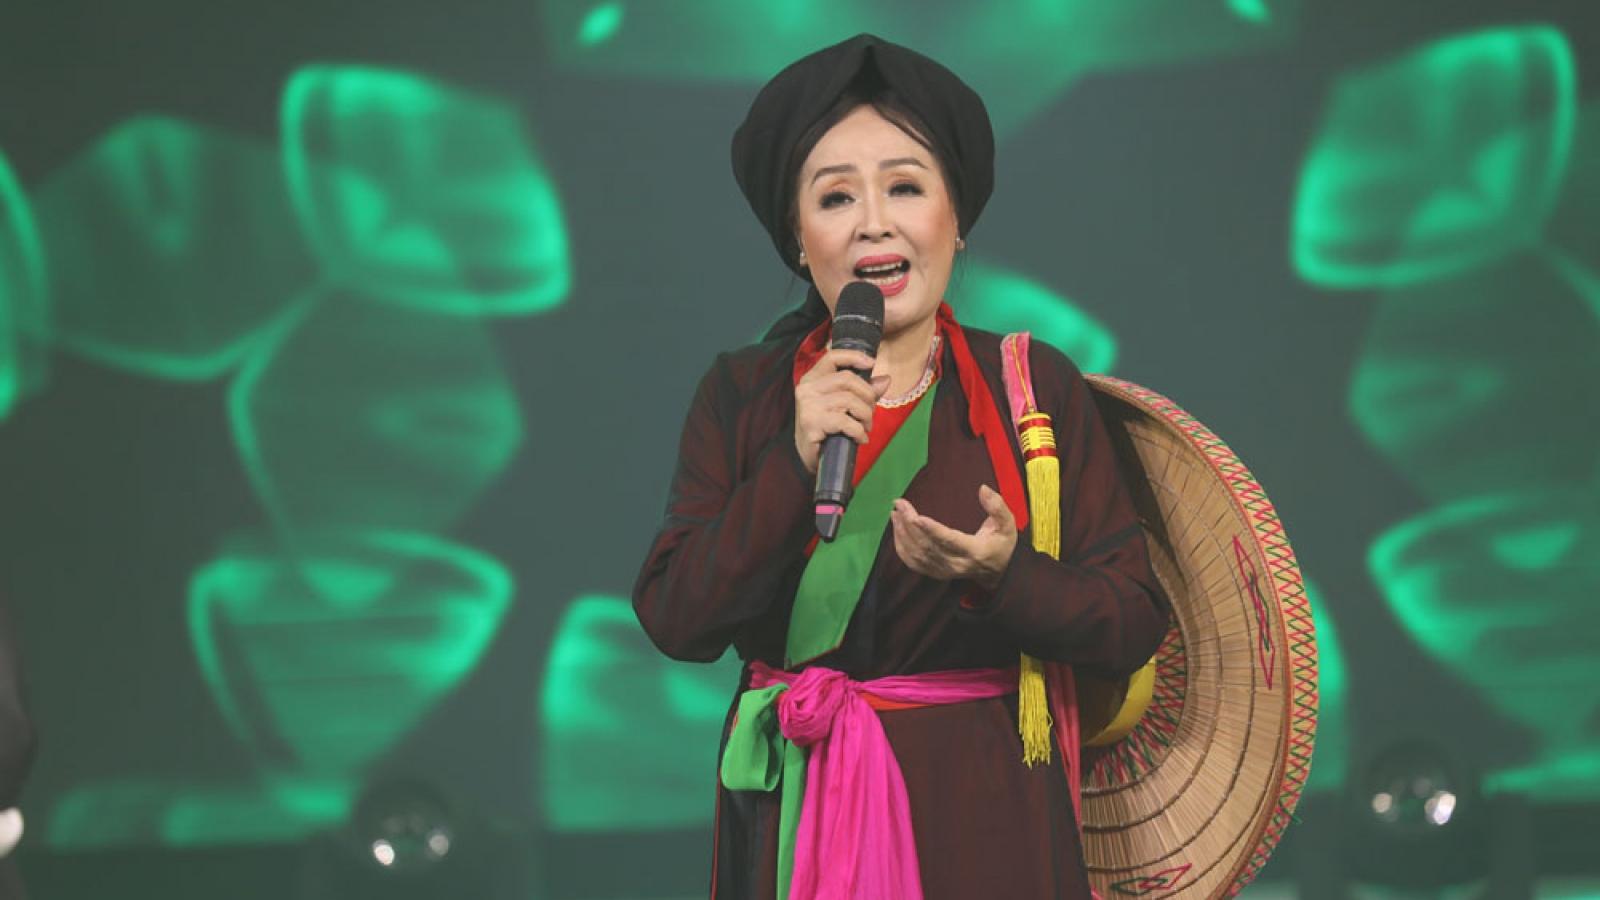 NSND Thu Hiền xúc động kể về kỷ niệm khi là nữ văn công tuyến lửa